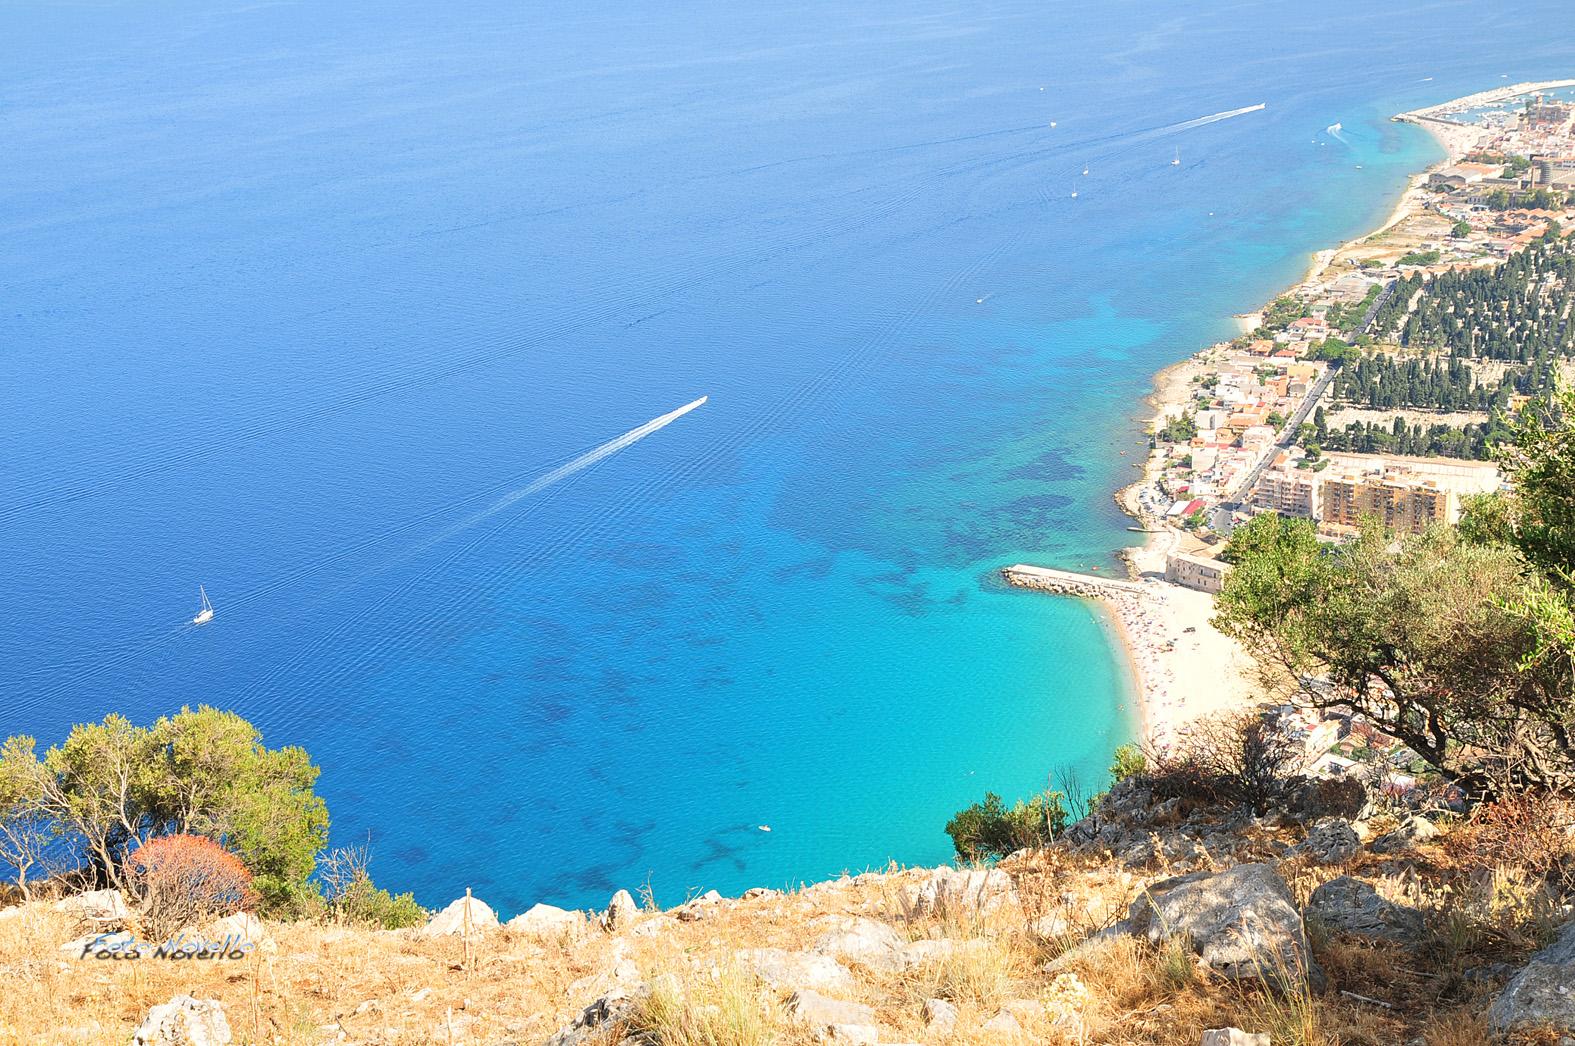 Mare di sicilia foto immagini paesaggi palermo natura for Disegni di paesaggi di mare